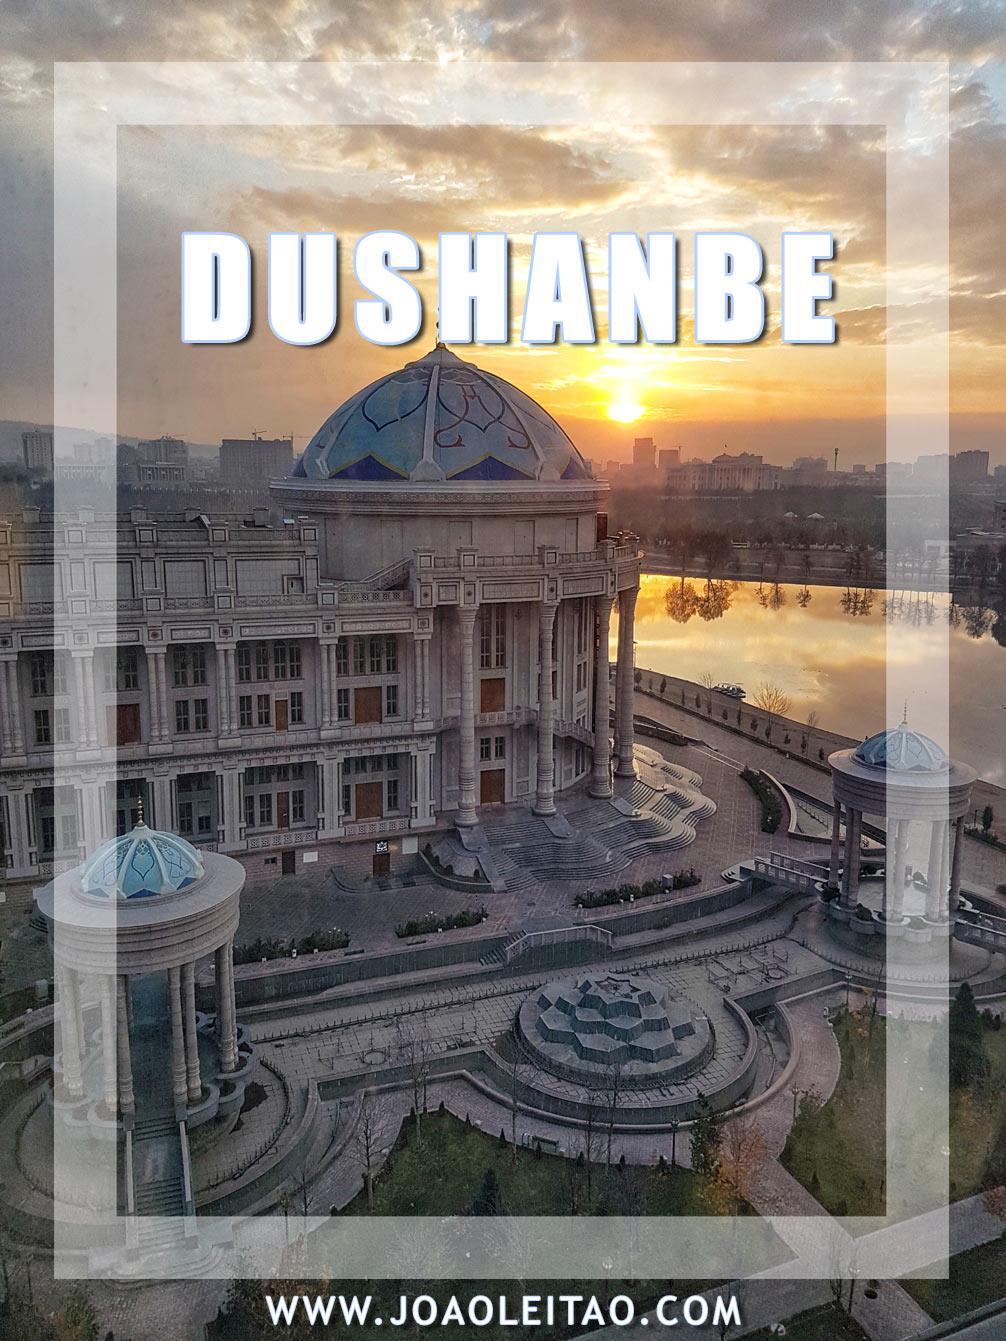 VISIT DUSHANBE